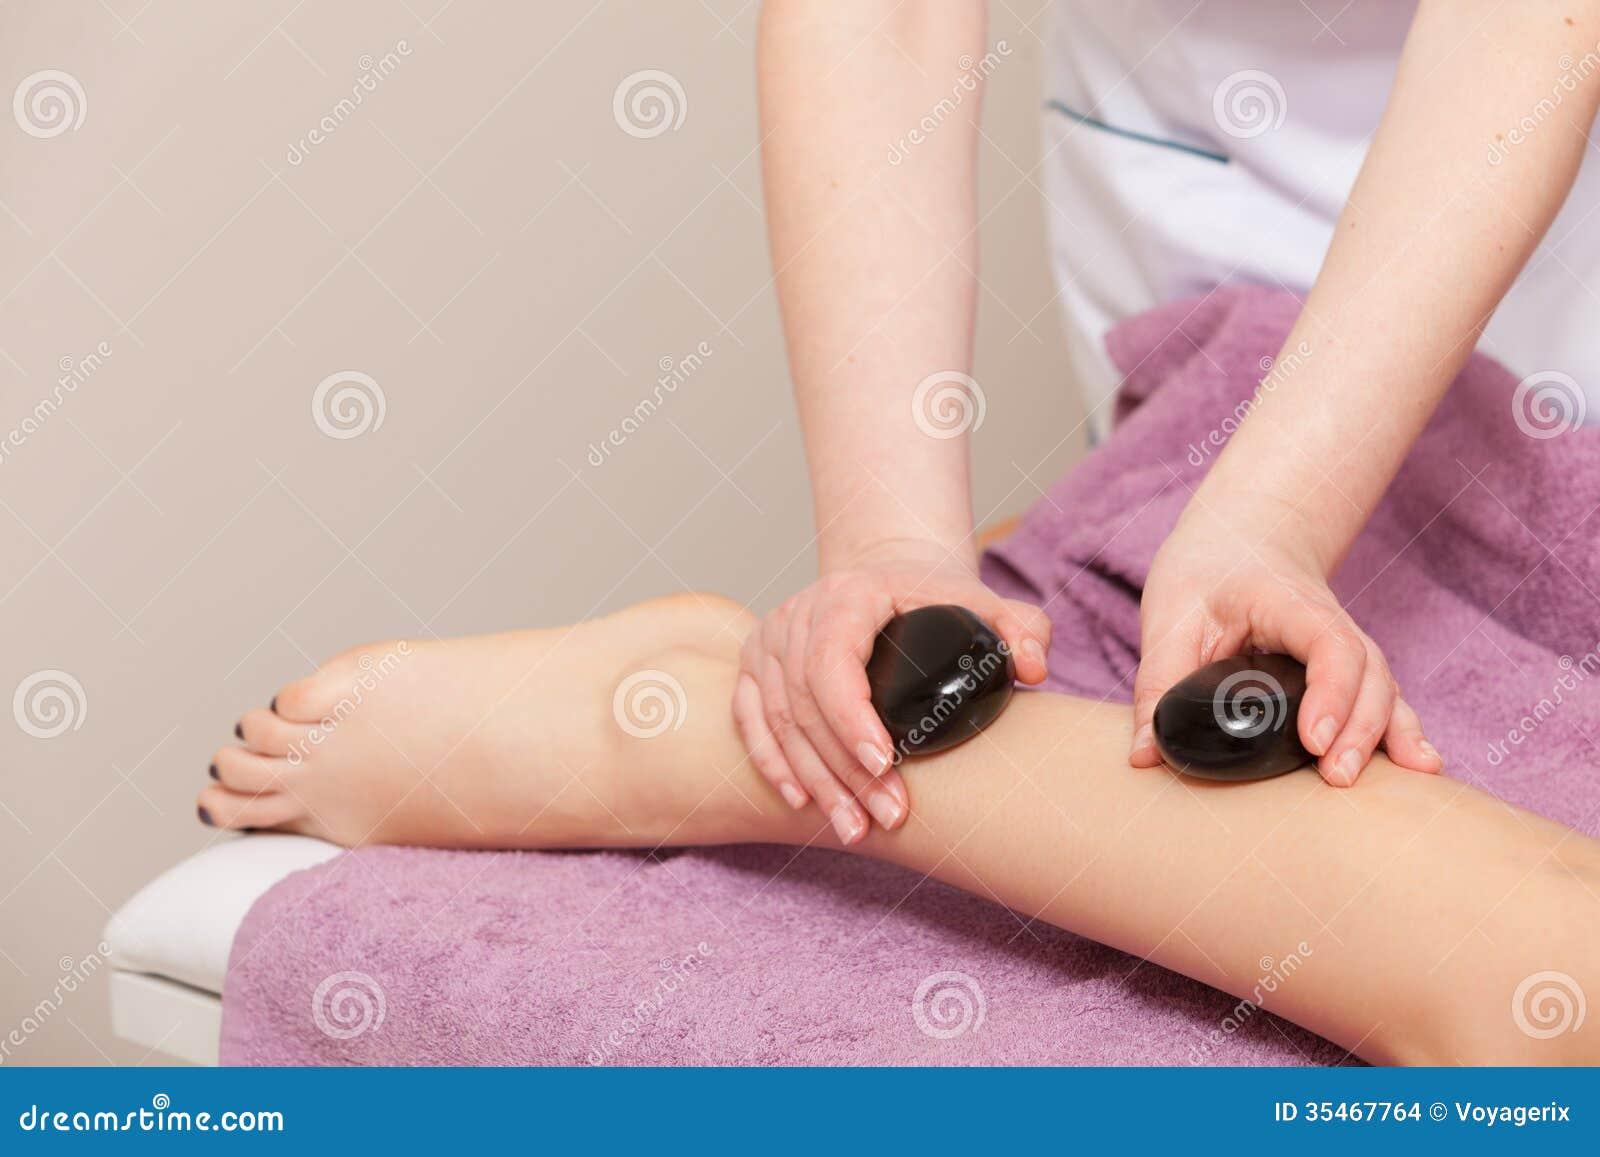 business beauty body massage